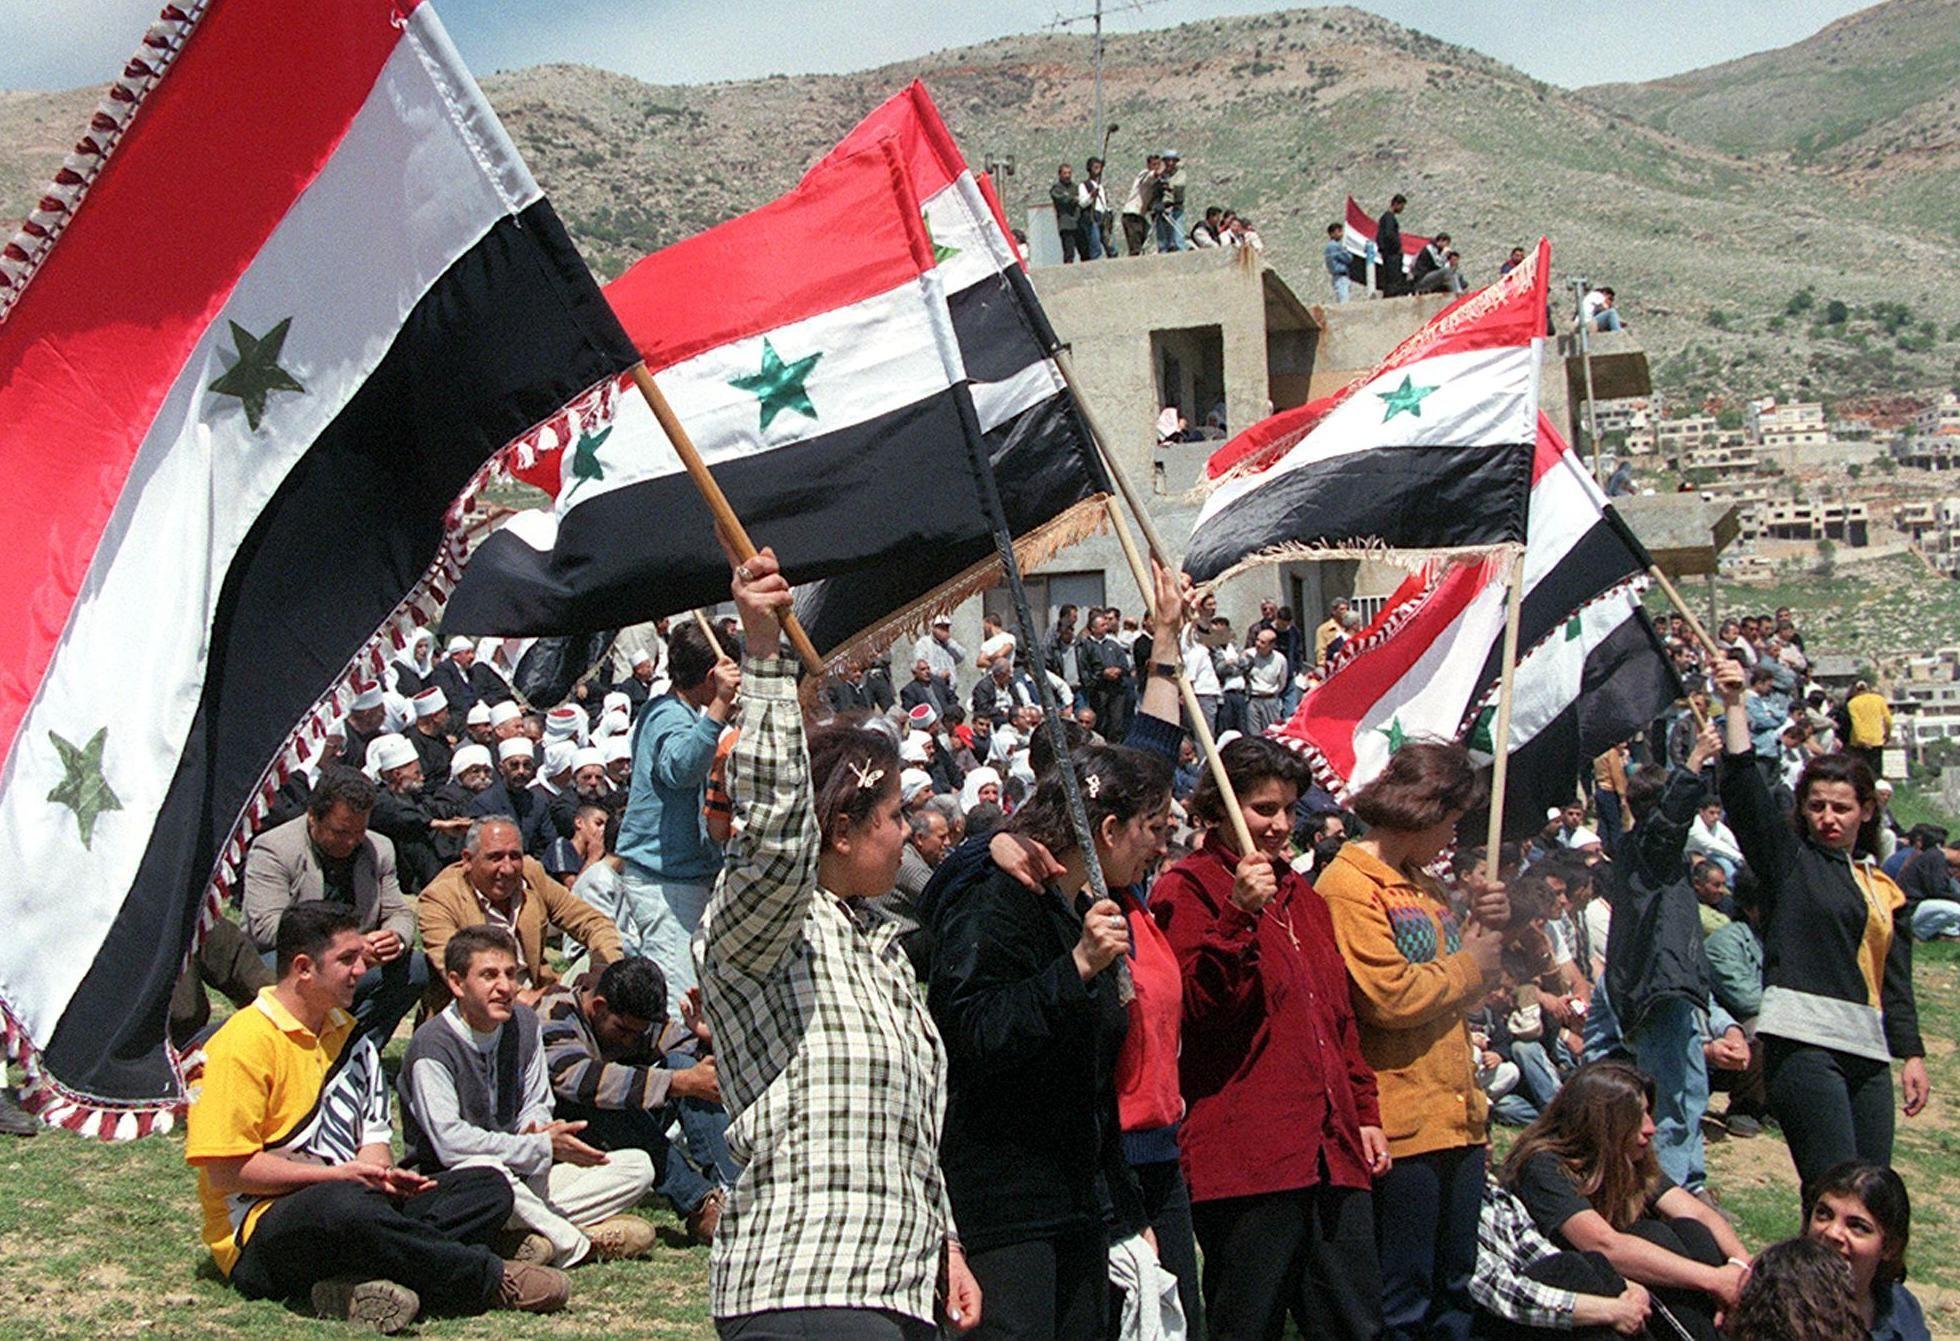 04_16_18_SyriaIndependence